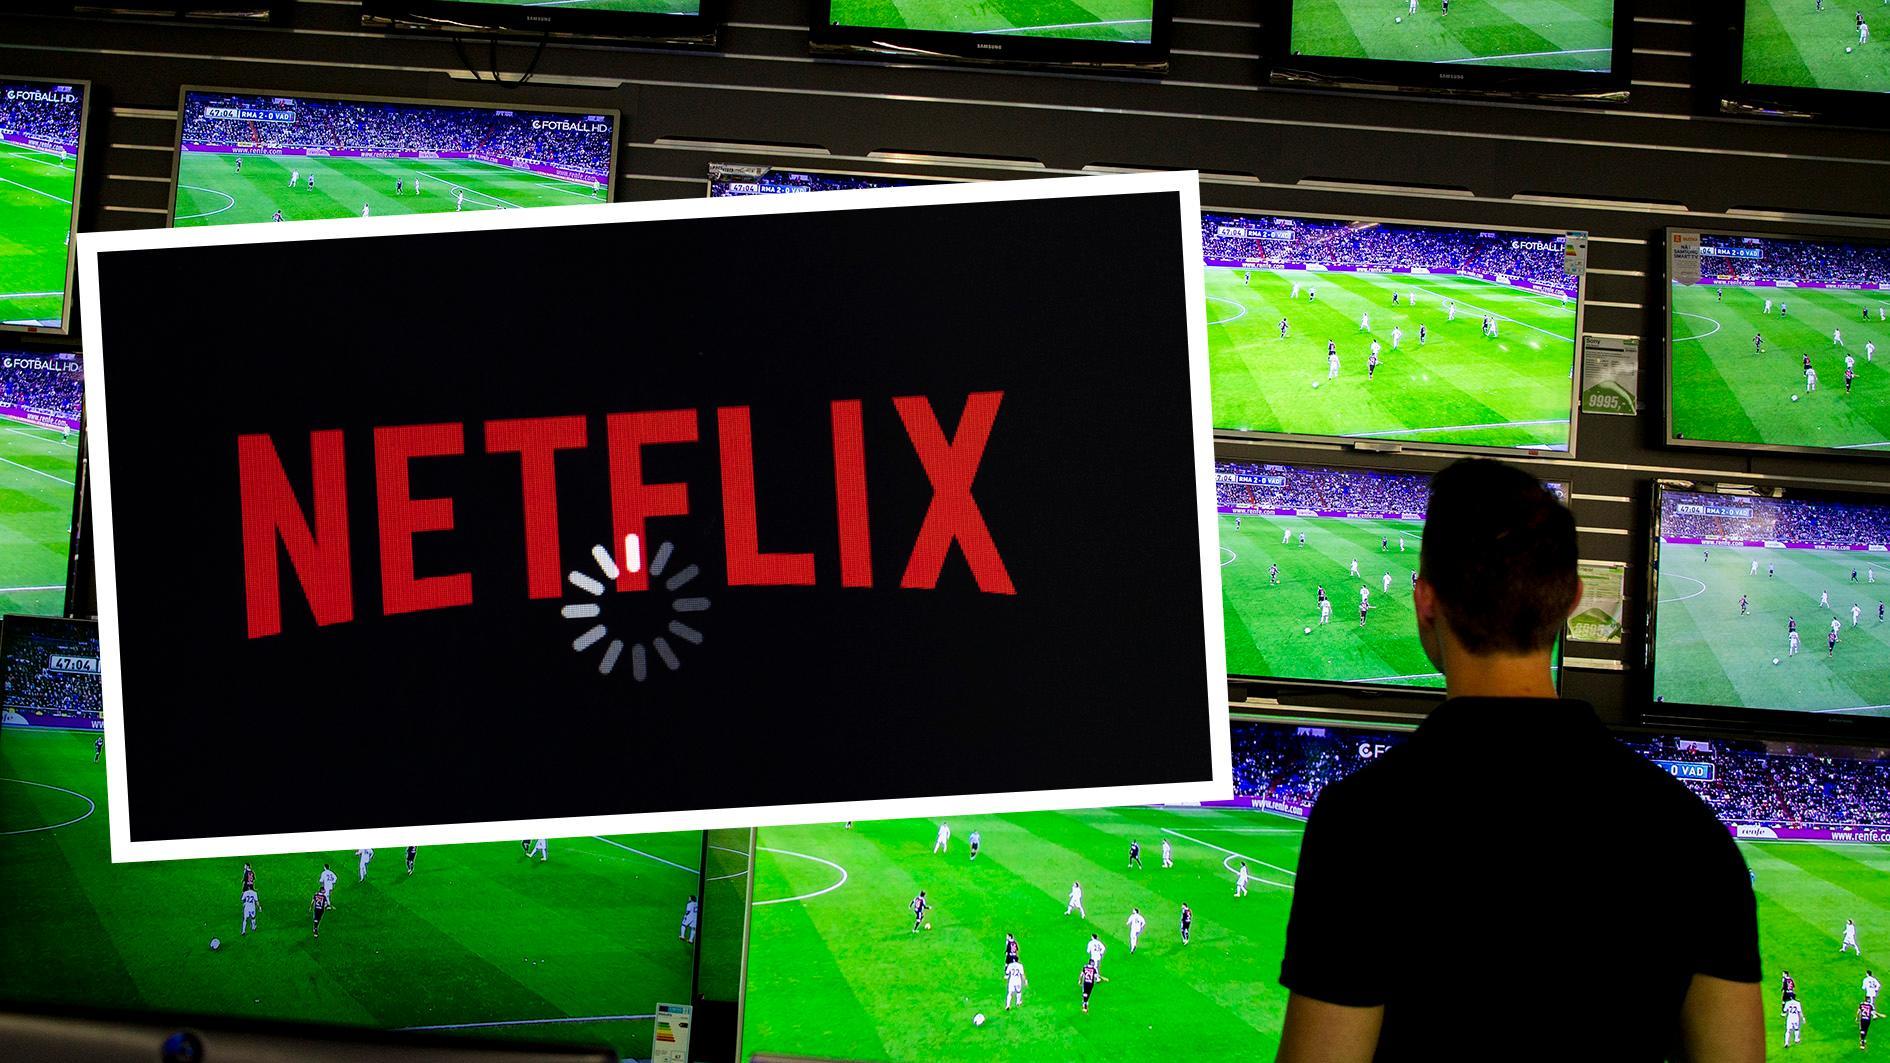 Film i tv utan avbrott for reklam